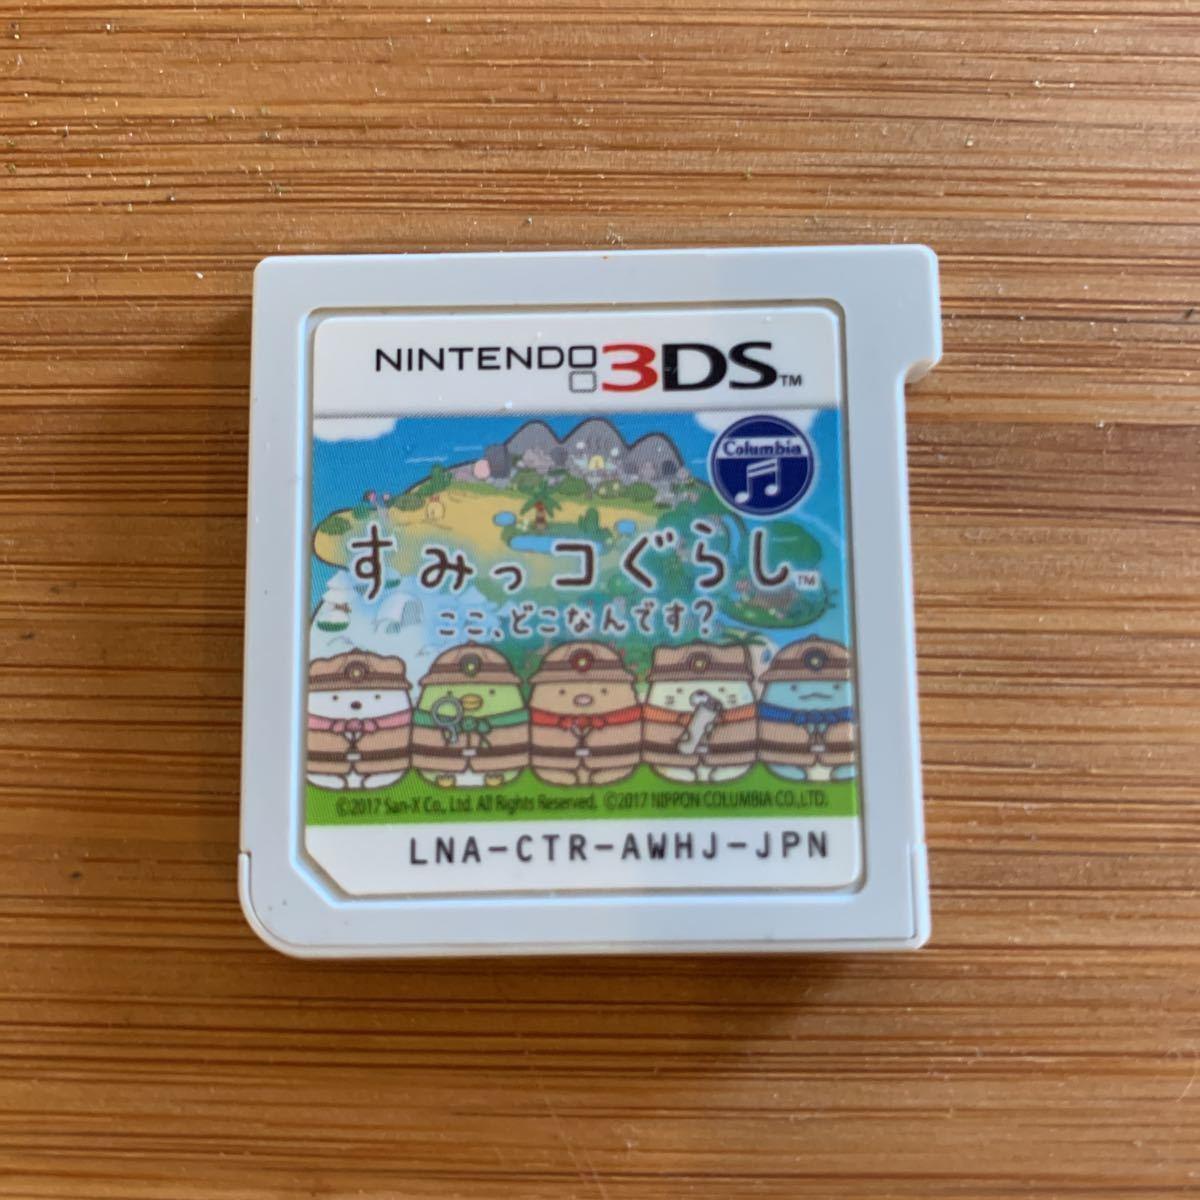 ニンテンドー3DS すみっコぐらし ここ、どこなんです? 3DSソフト _画像3